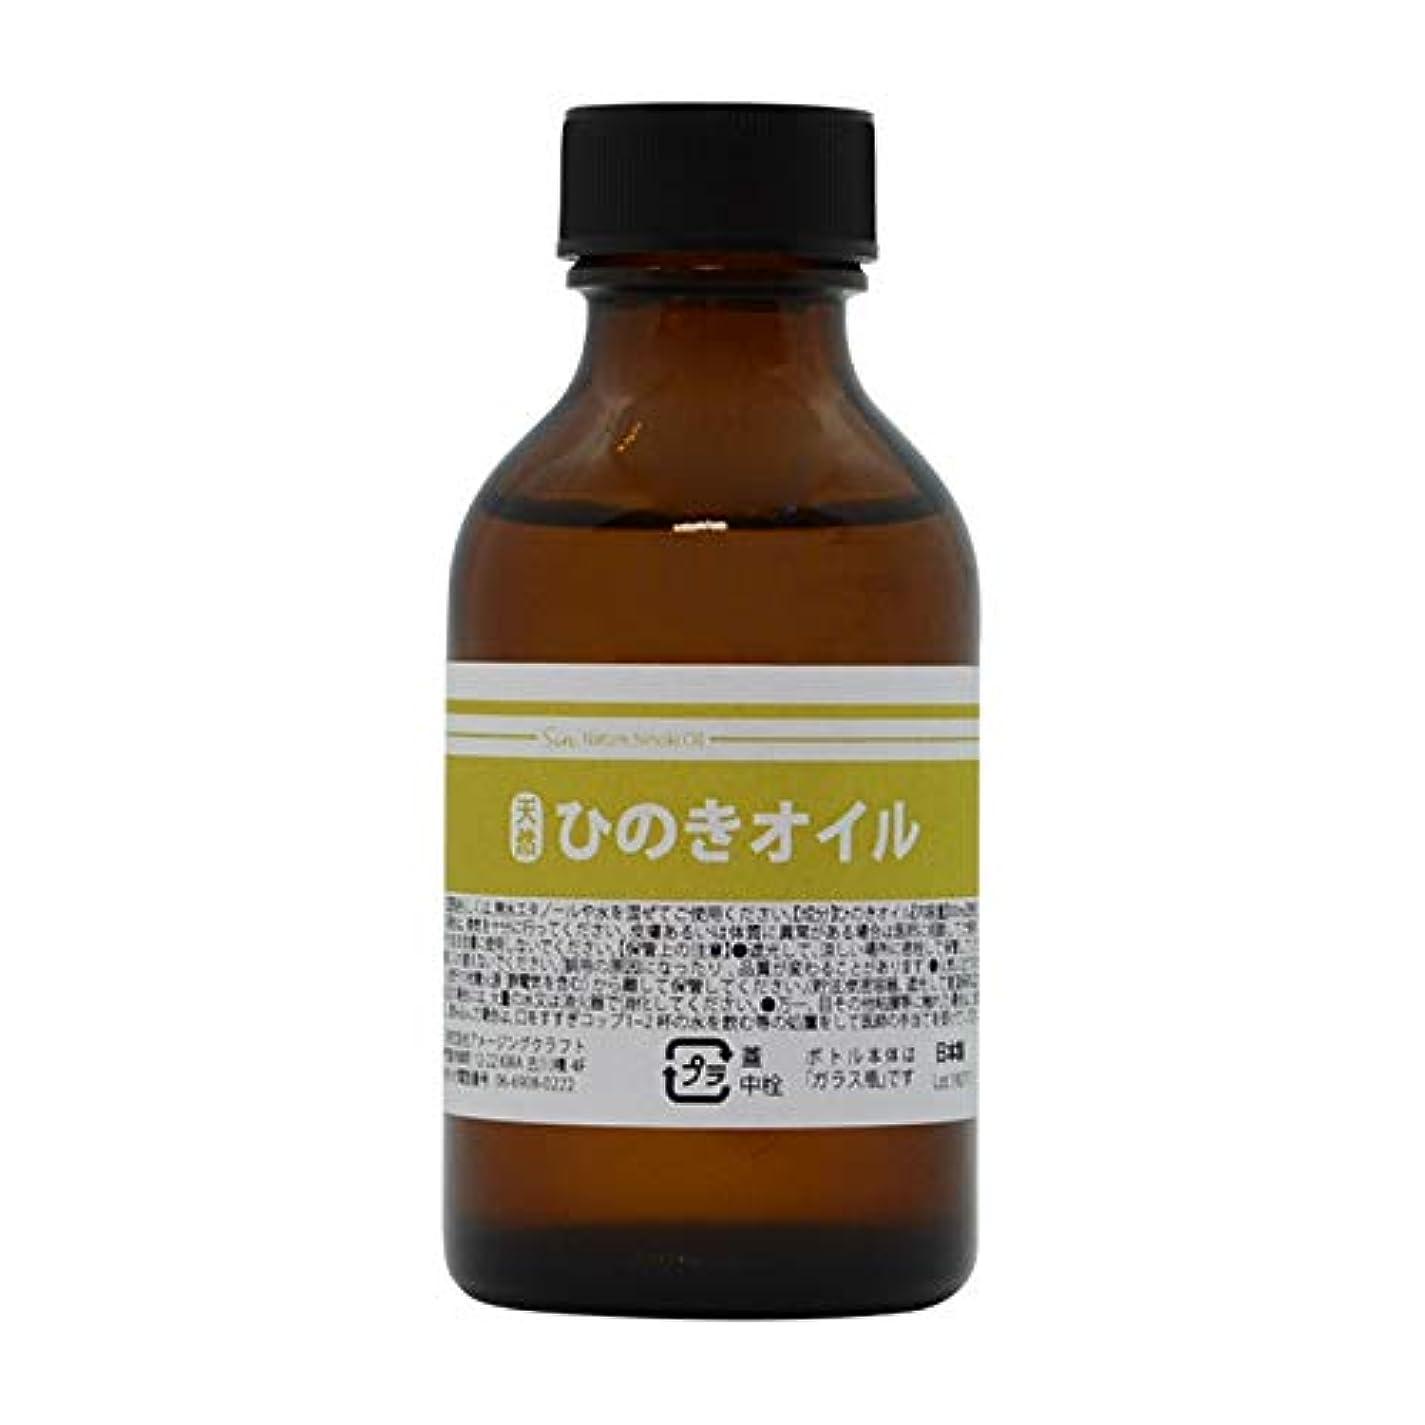 バーコジオスコメイト天然100% 国産 ひのき オイル 100ml アロマオイル ヒノキオイル